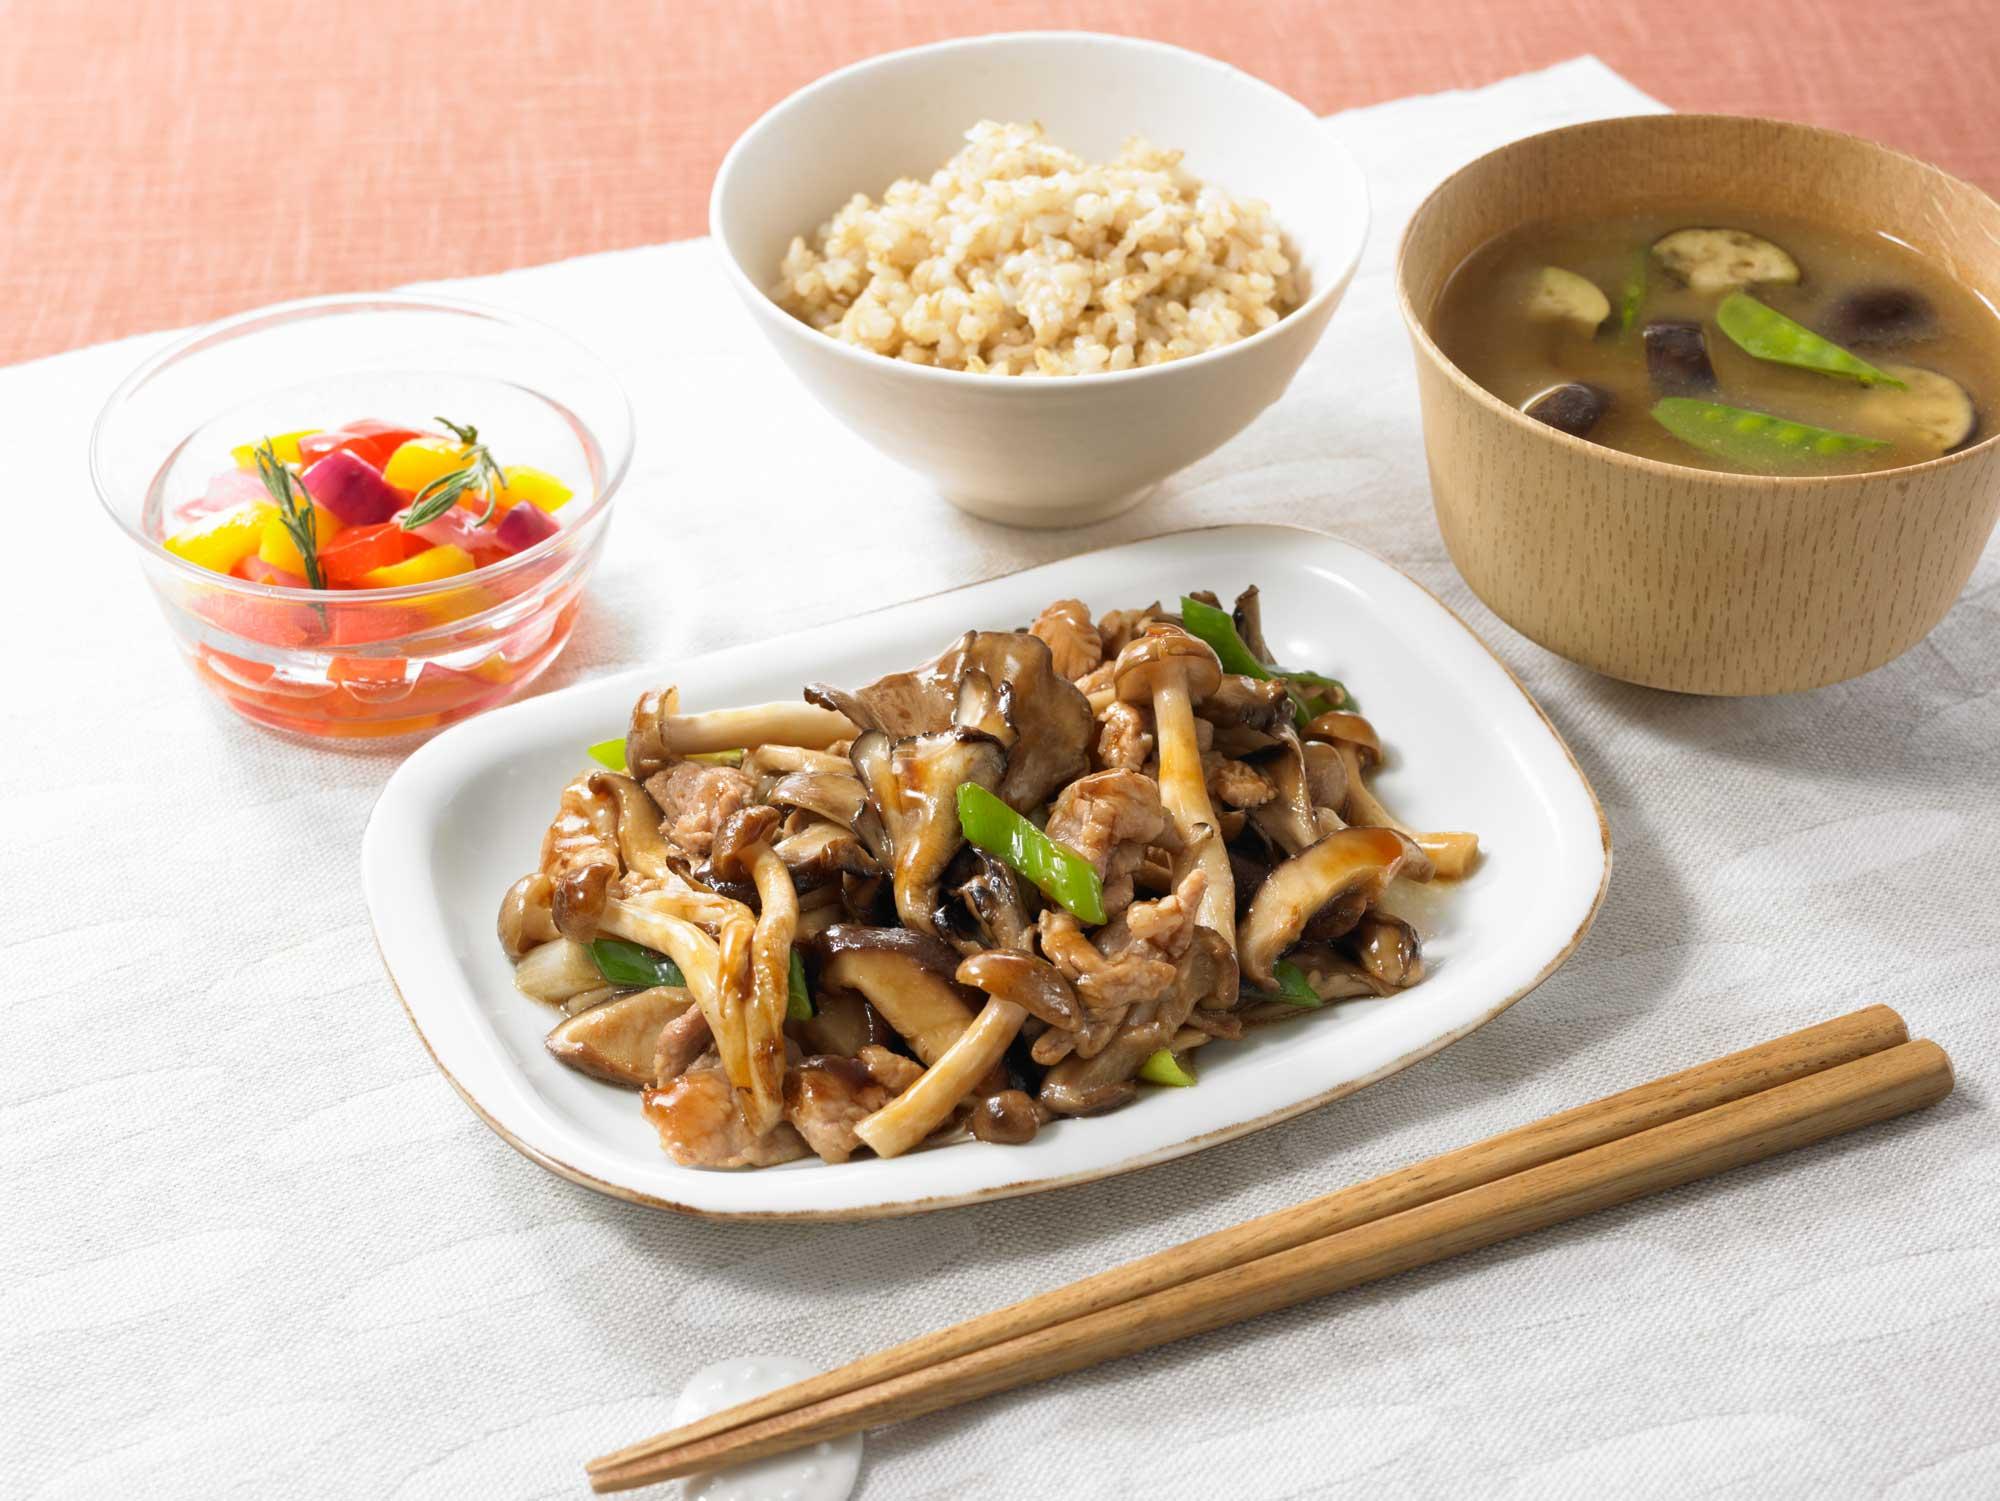 野菜を活かす きのこの中華風炒めのソース食卓イメージ